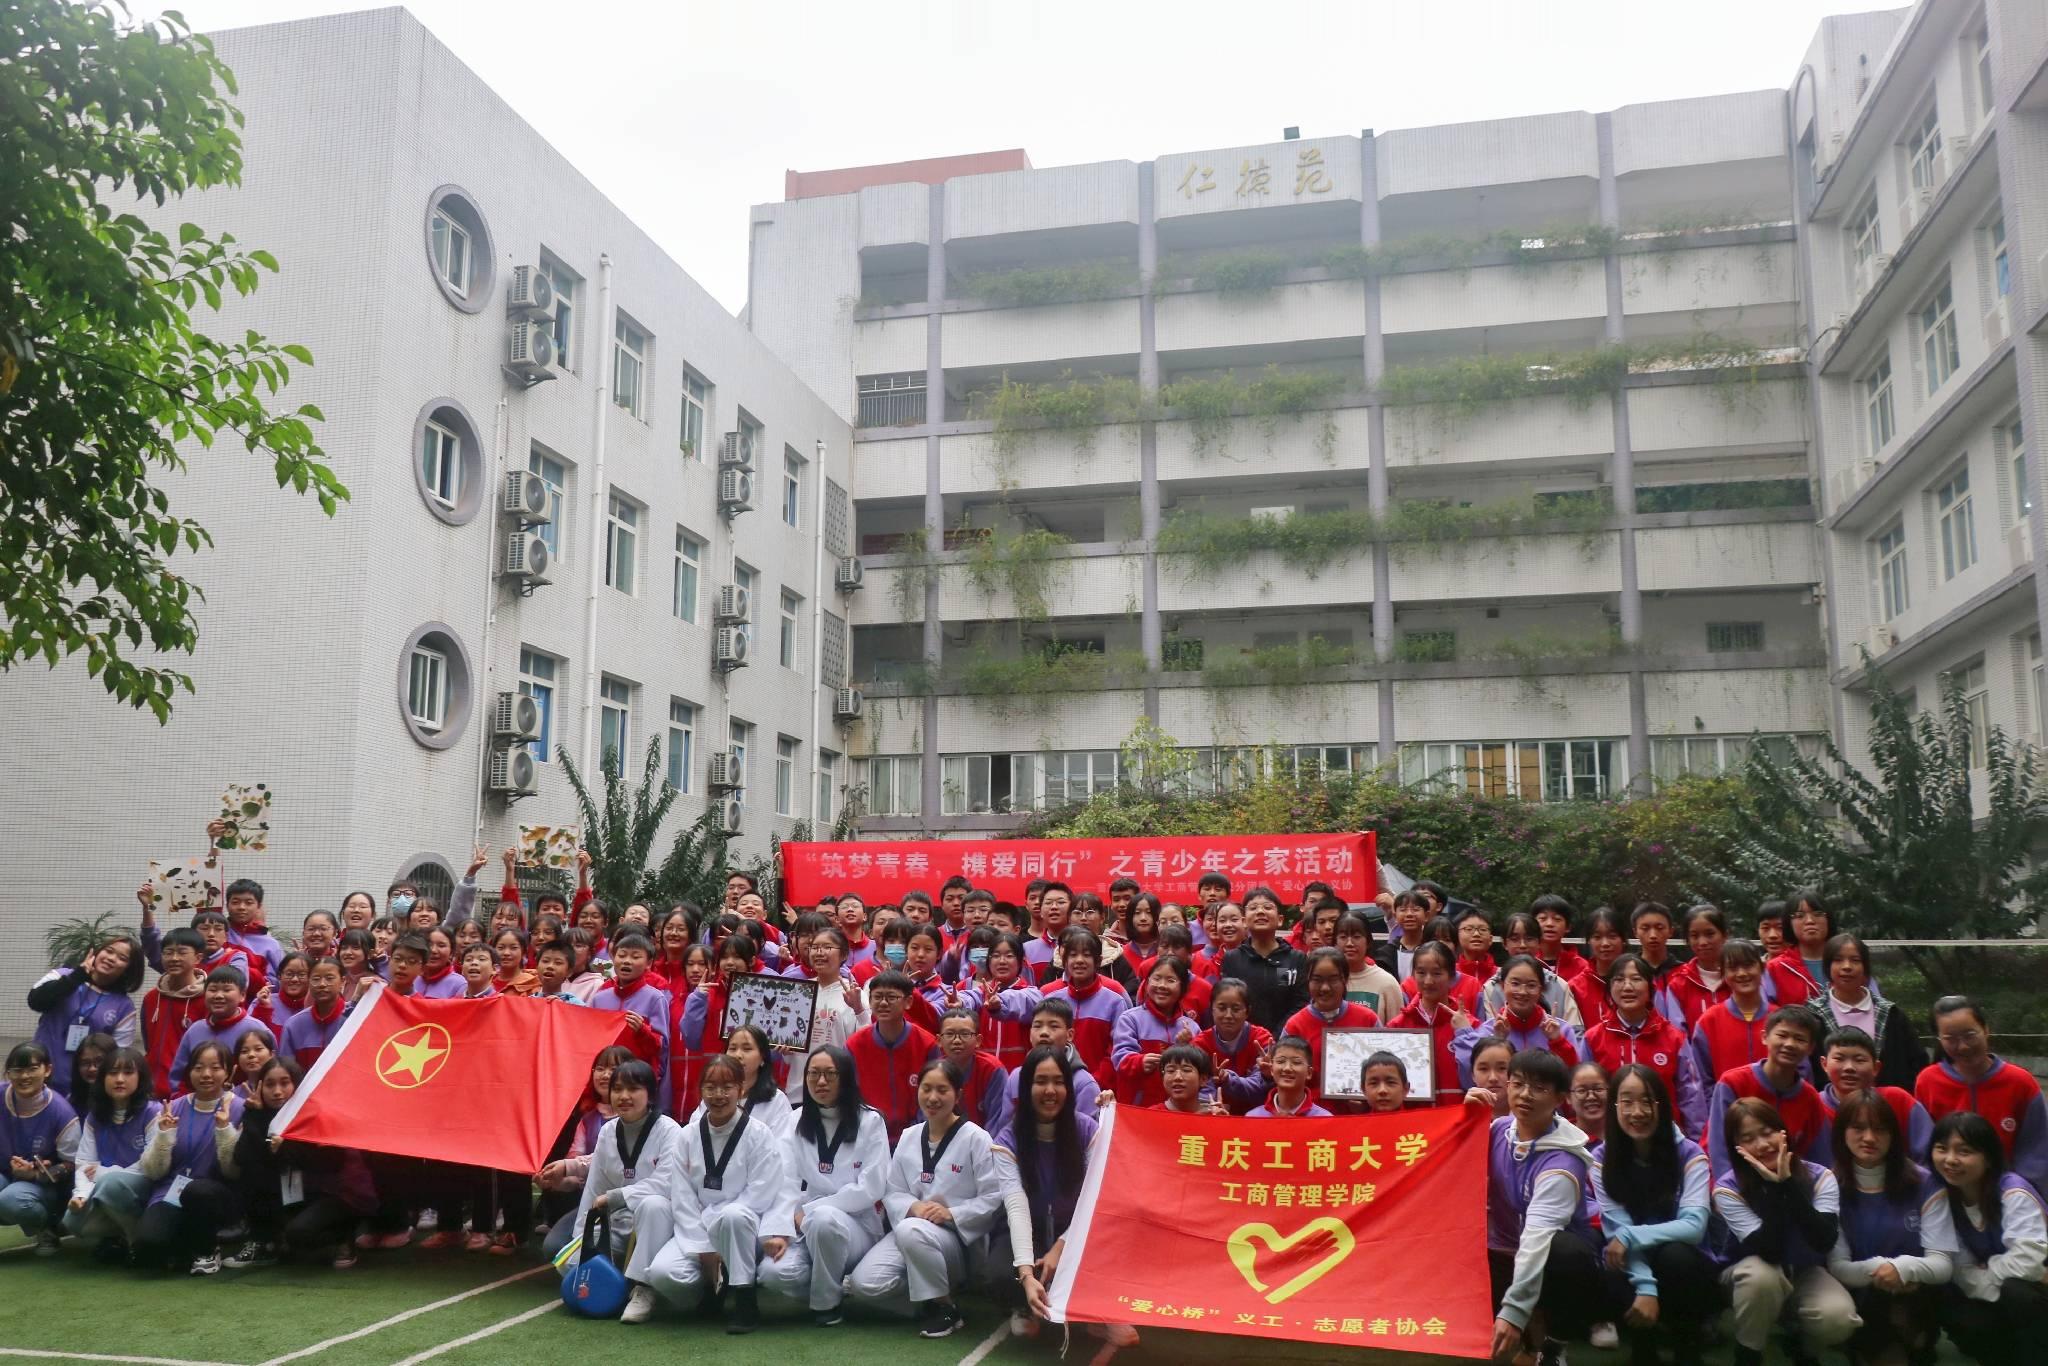 重庆工商大学工商管理学院:筑梦青春,携手共进